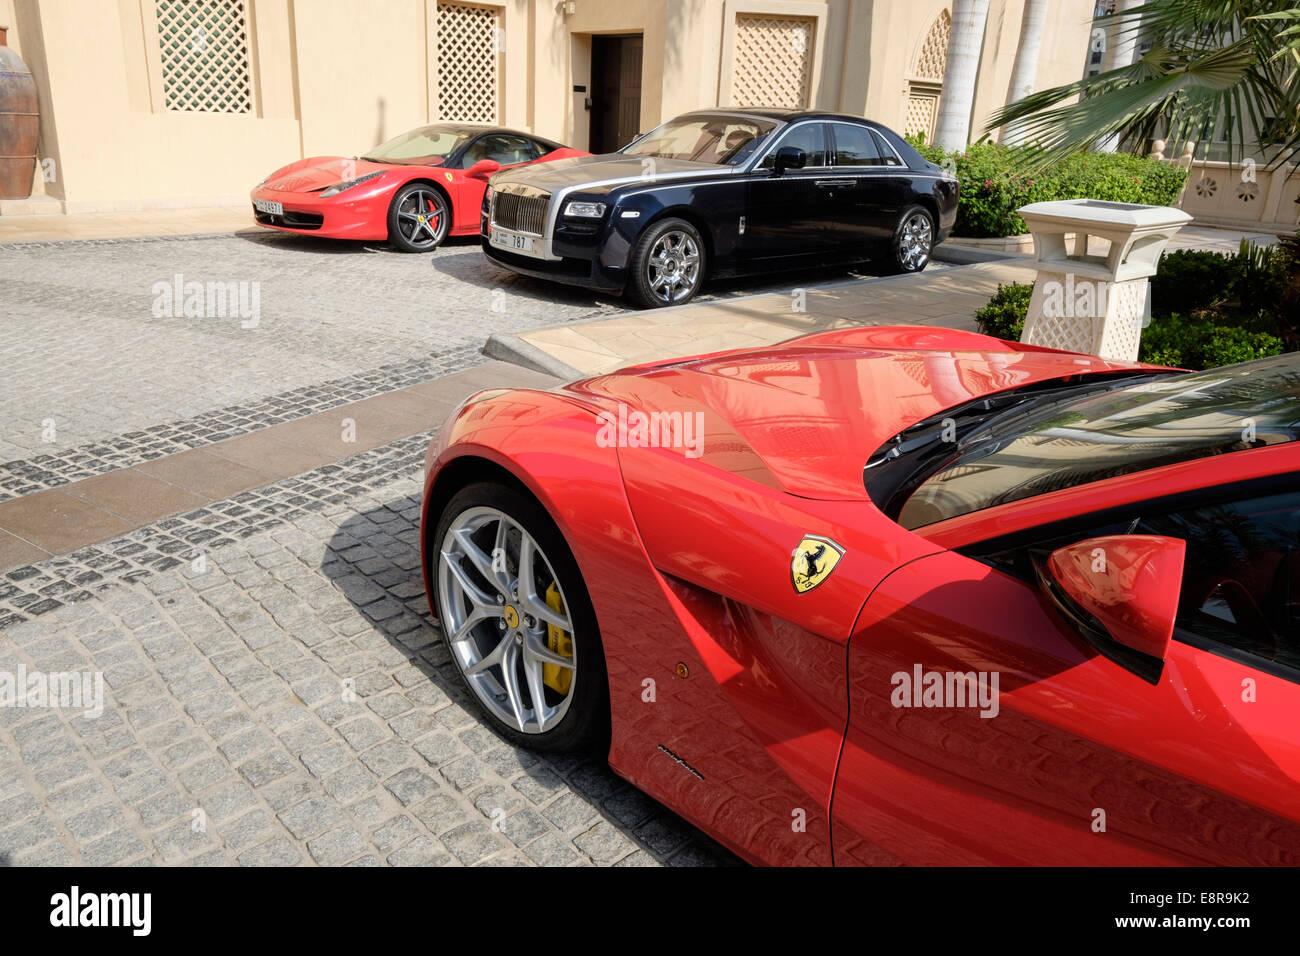 Los coches de lujo estacionados fuera de 5 estrellas en Dubai, Emiratos Árabes Unidos Imagen De Stock